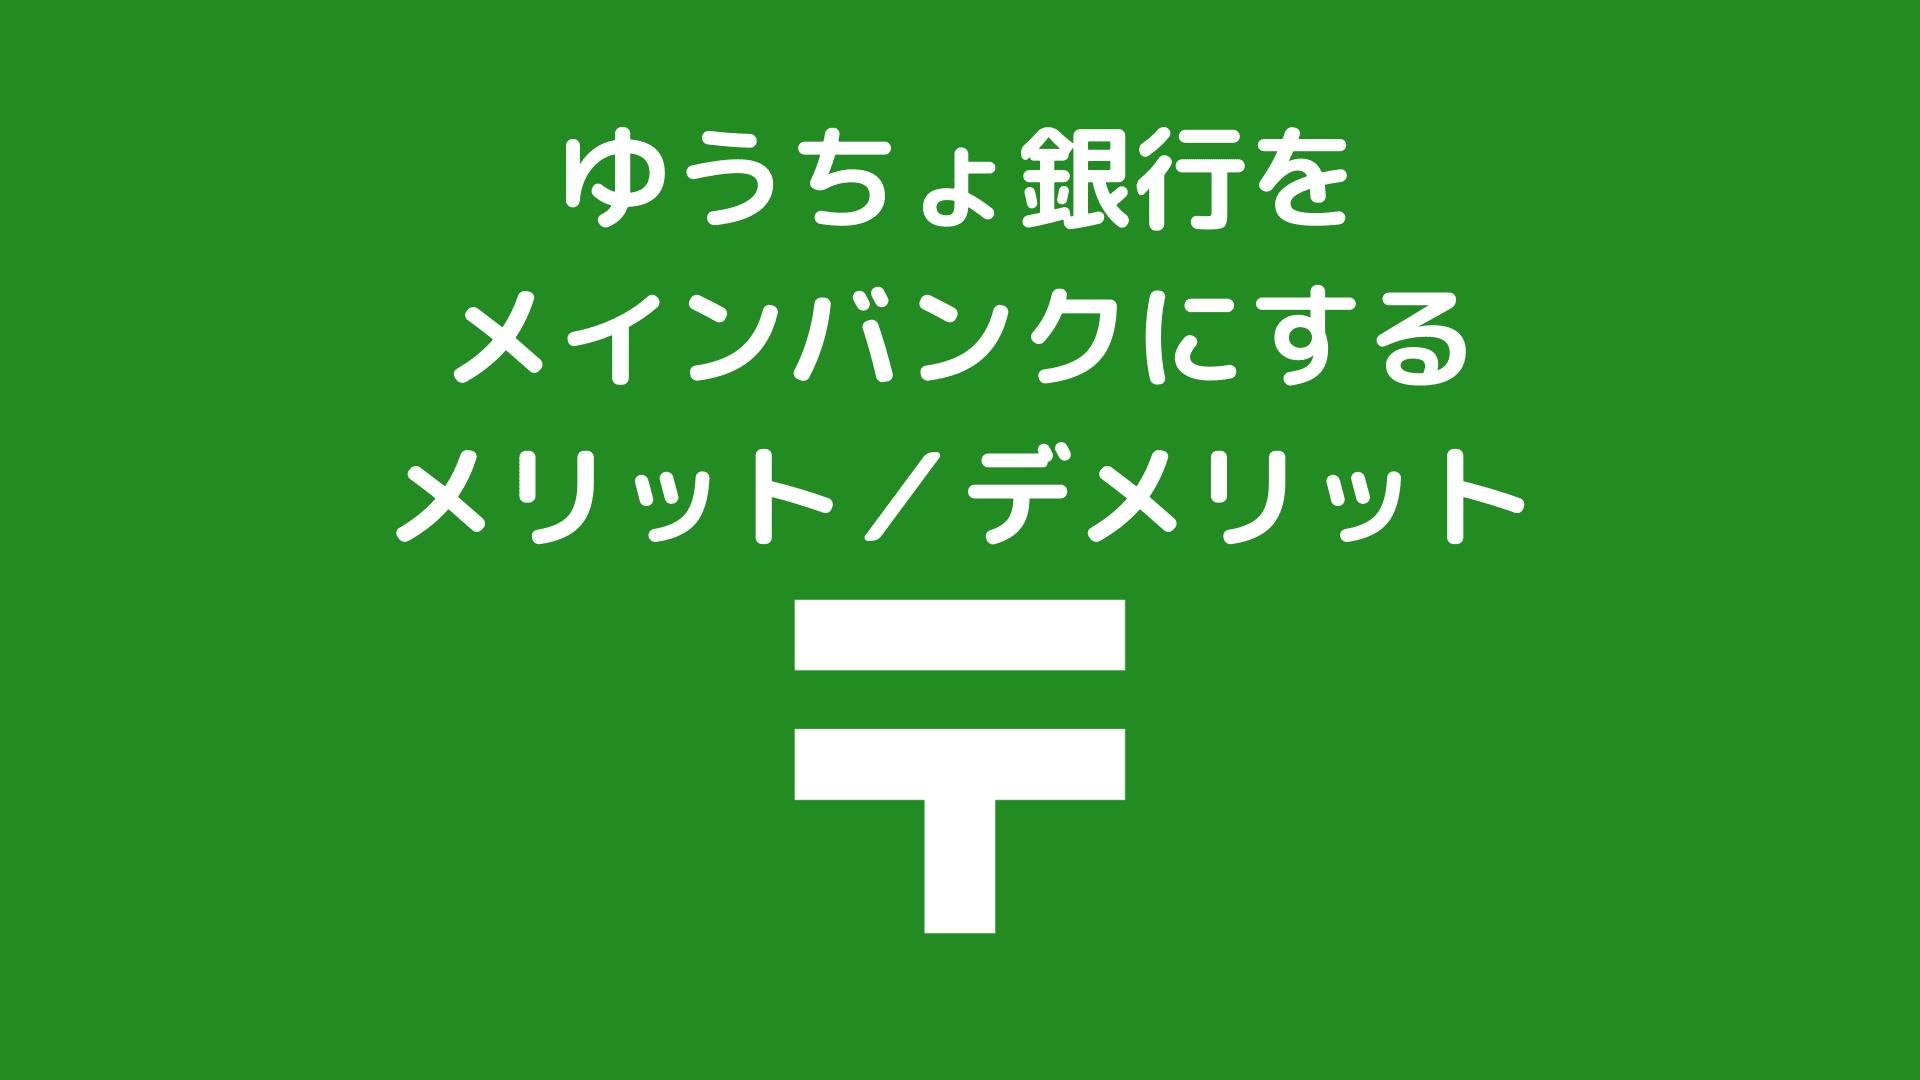 ゆうちょ銀行をメインバンクにするメリット/デメリット